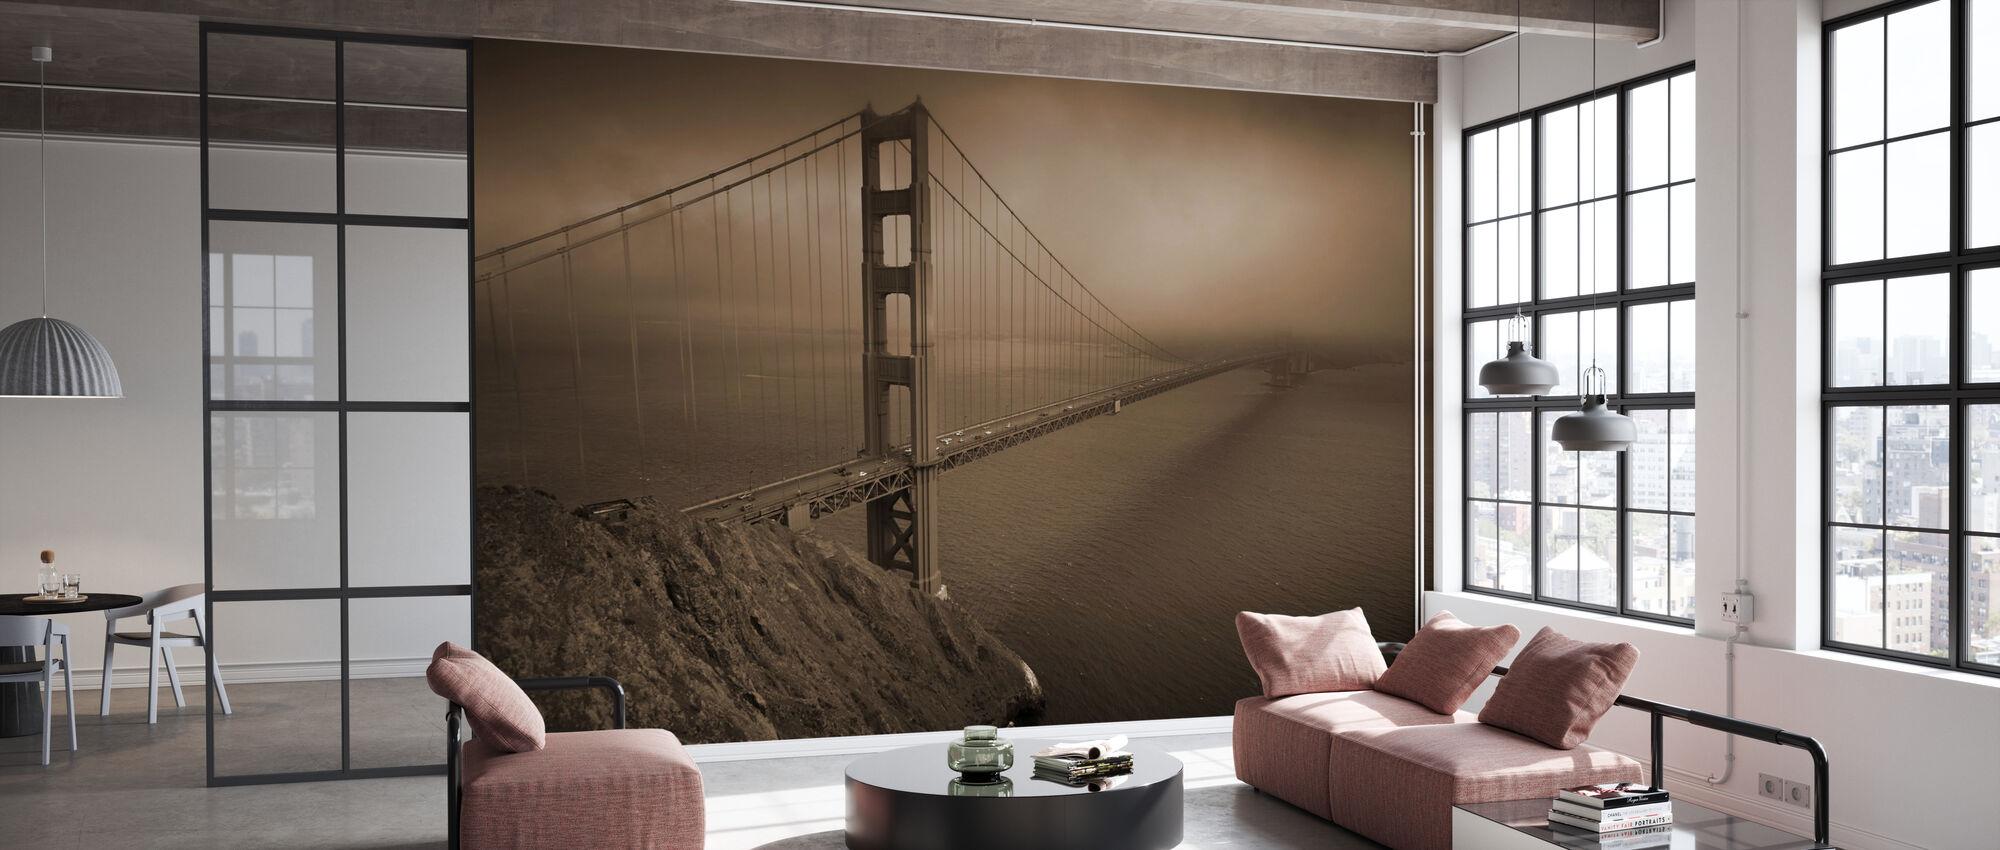 Golden Gate - Sepia - Wallpaper - Office